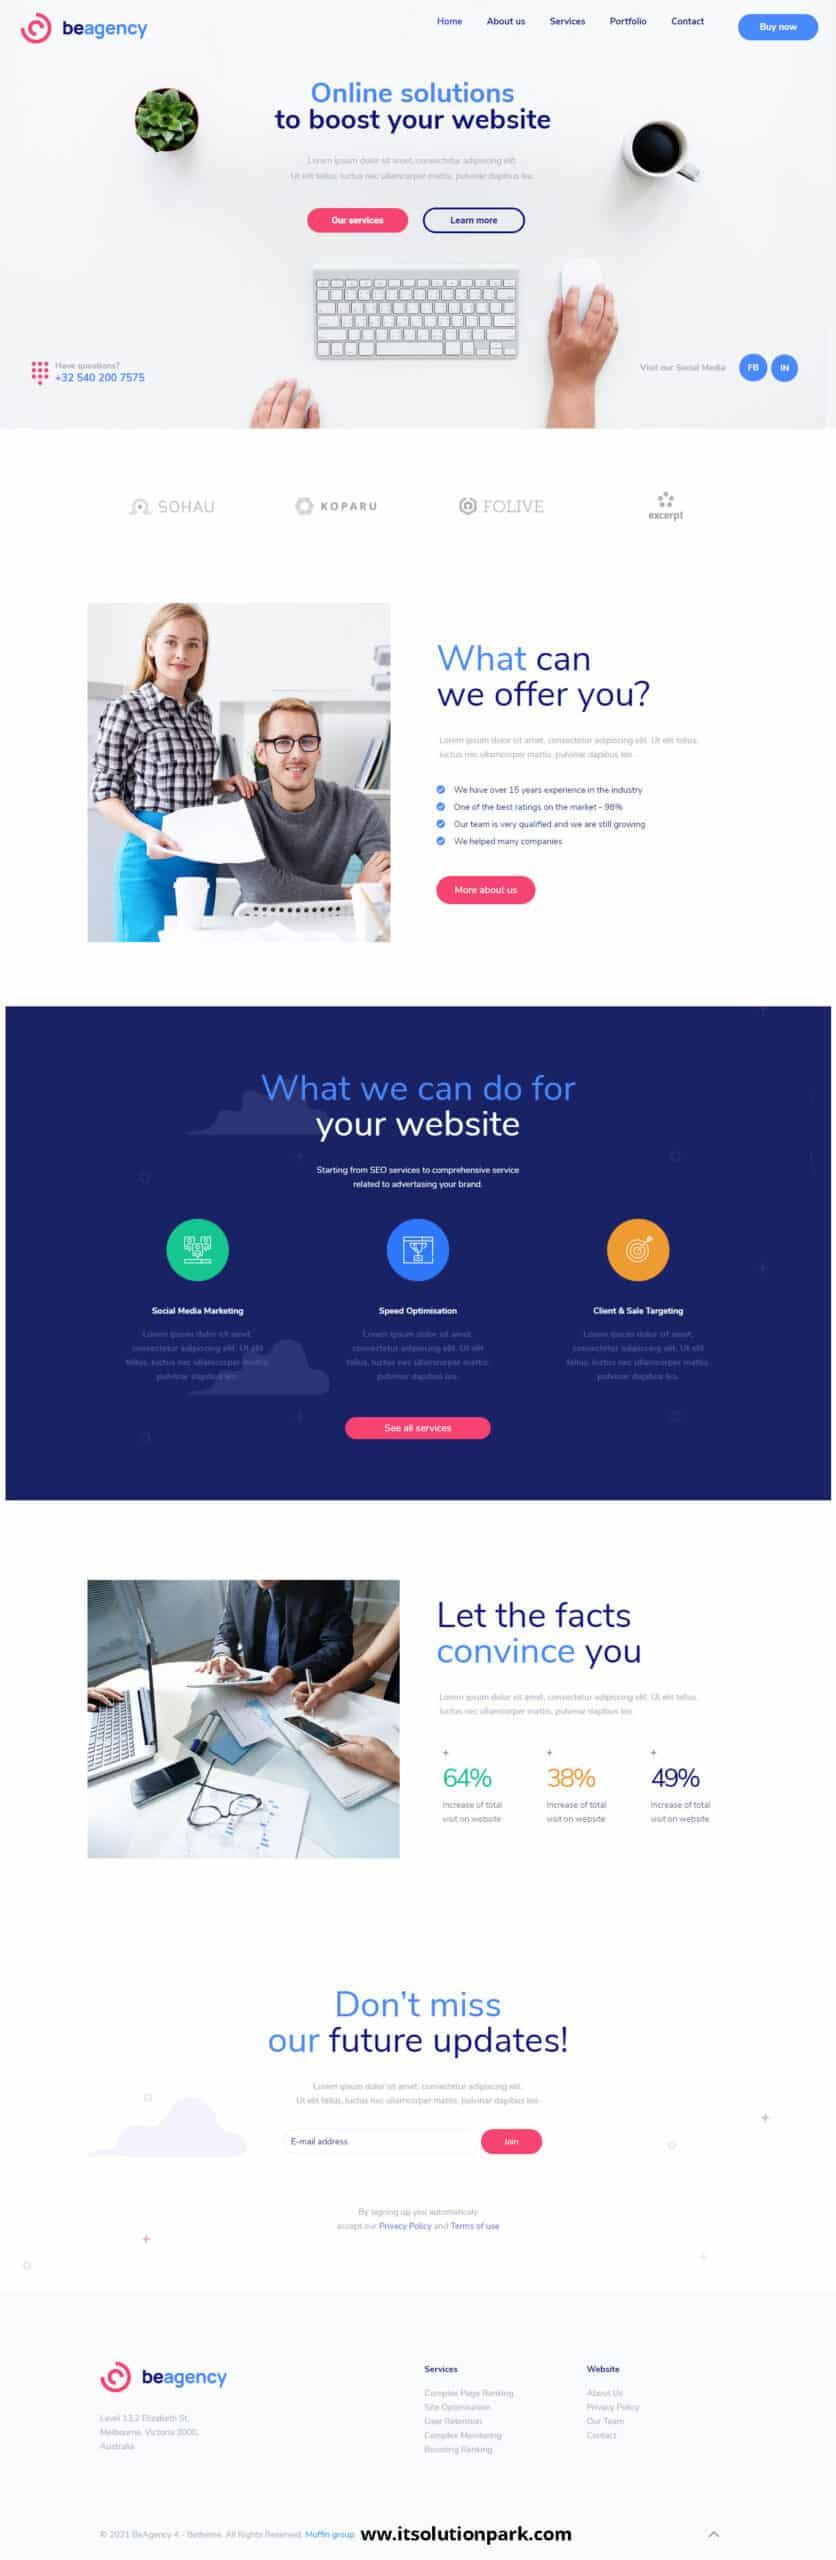 WordPress Website Design, company website design, business website, agency website design